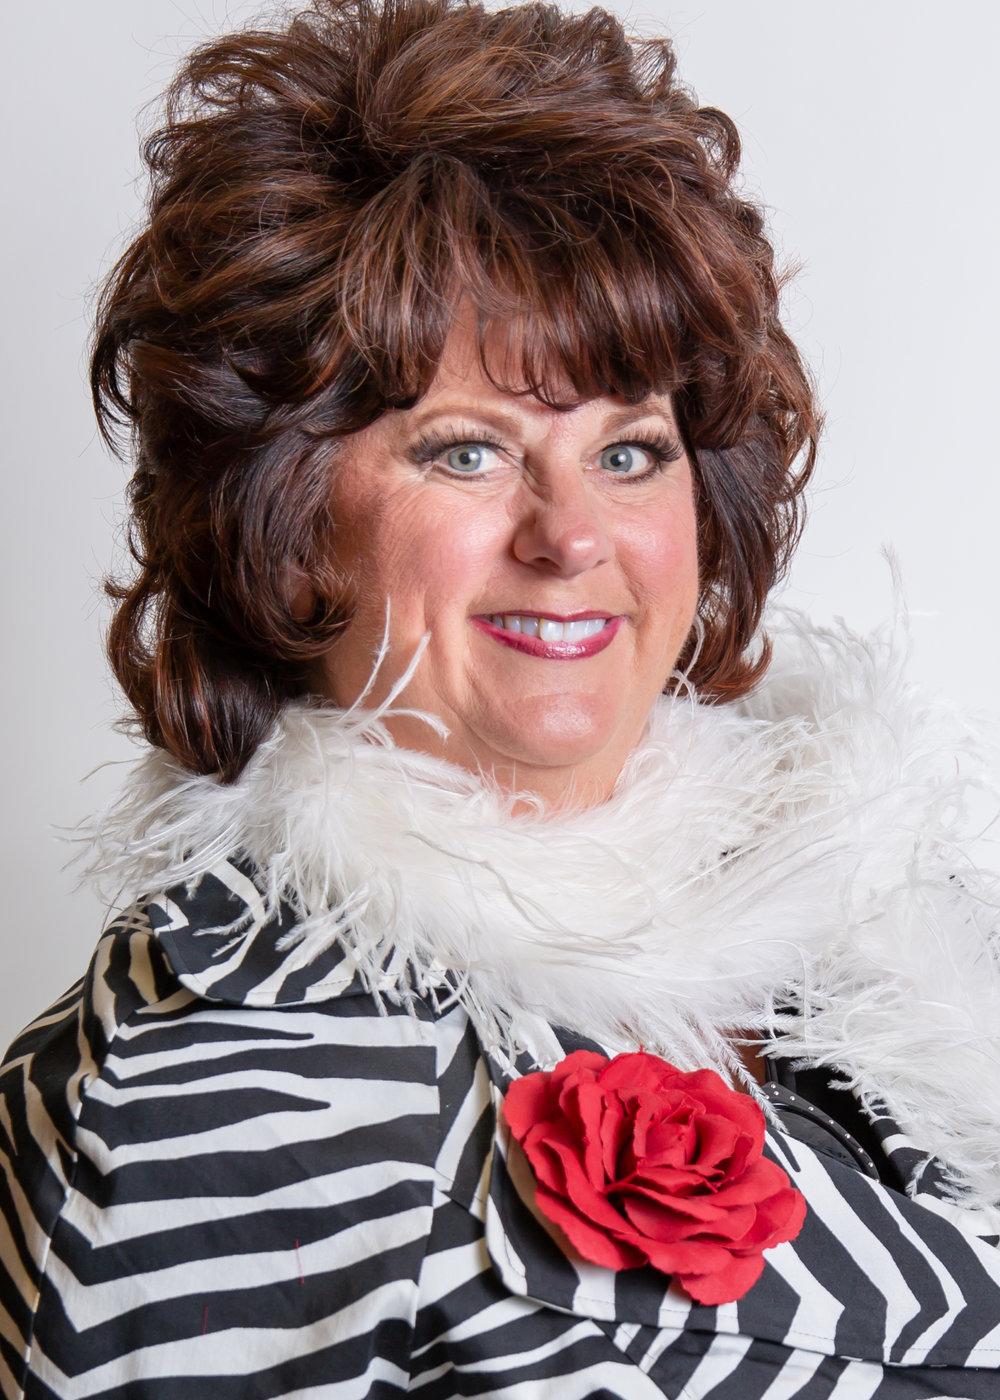 Trinky Talbot | Celebrity On staff since 2018